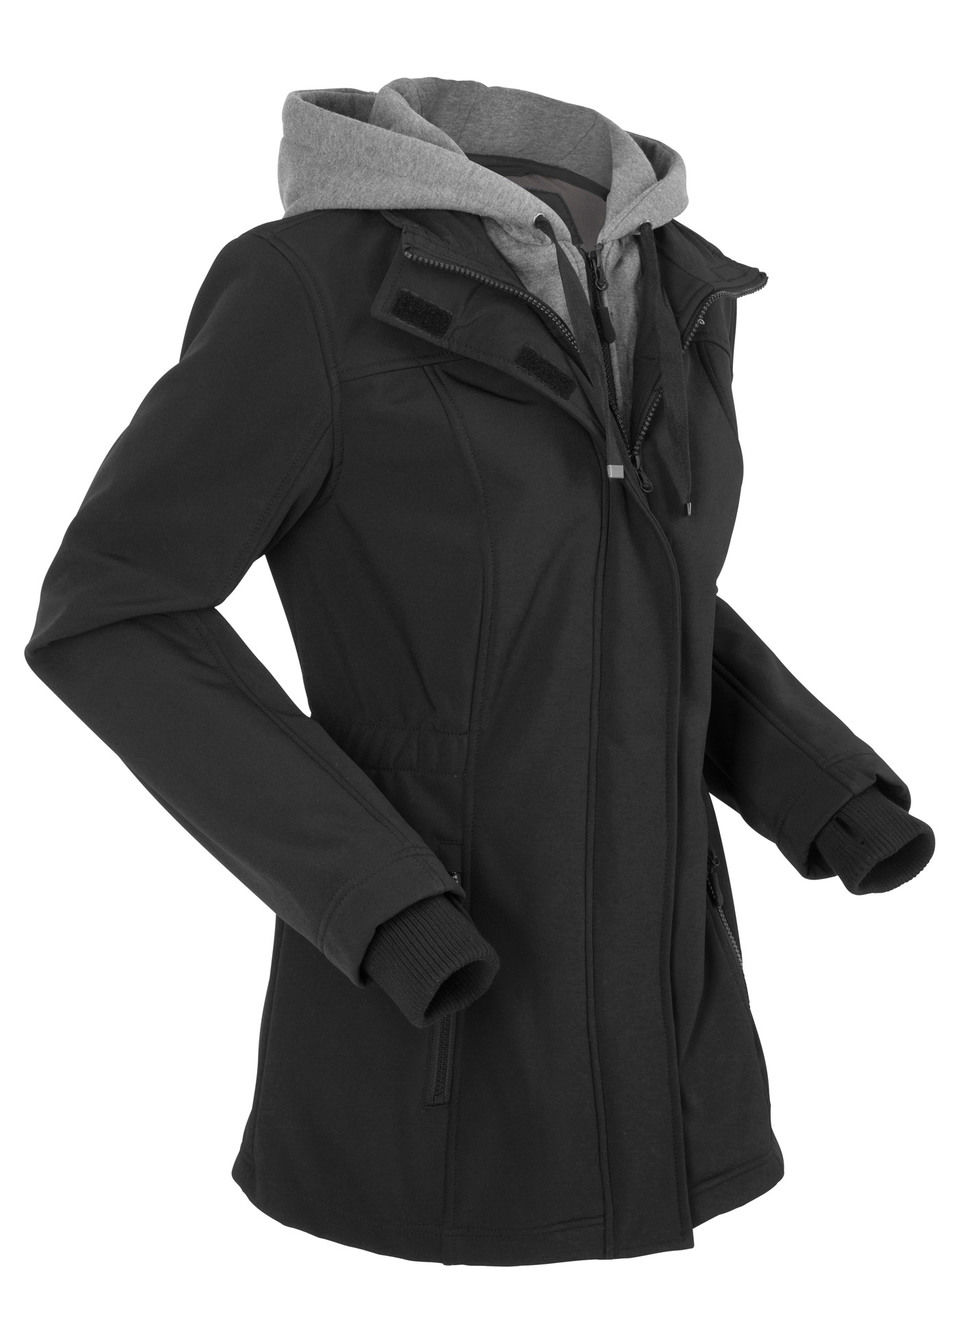 Удлиненная куртка-софтшелл 2 в 1